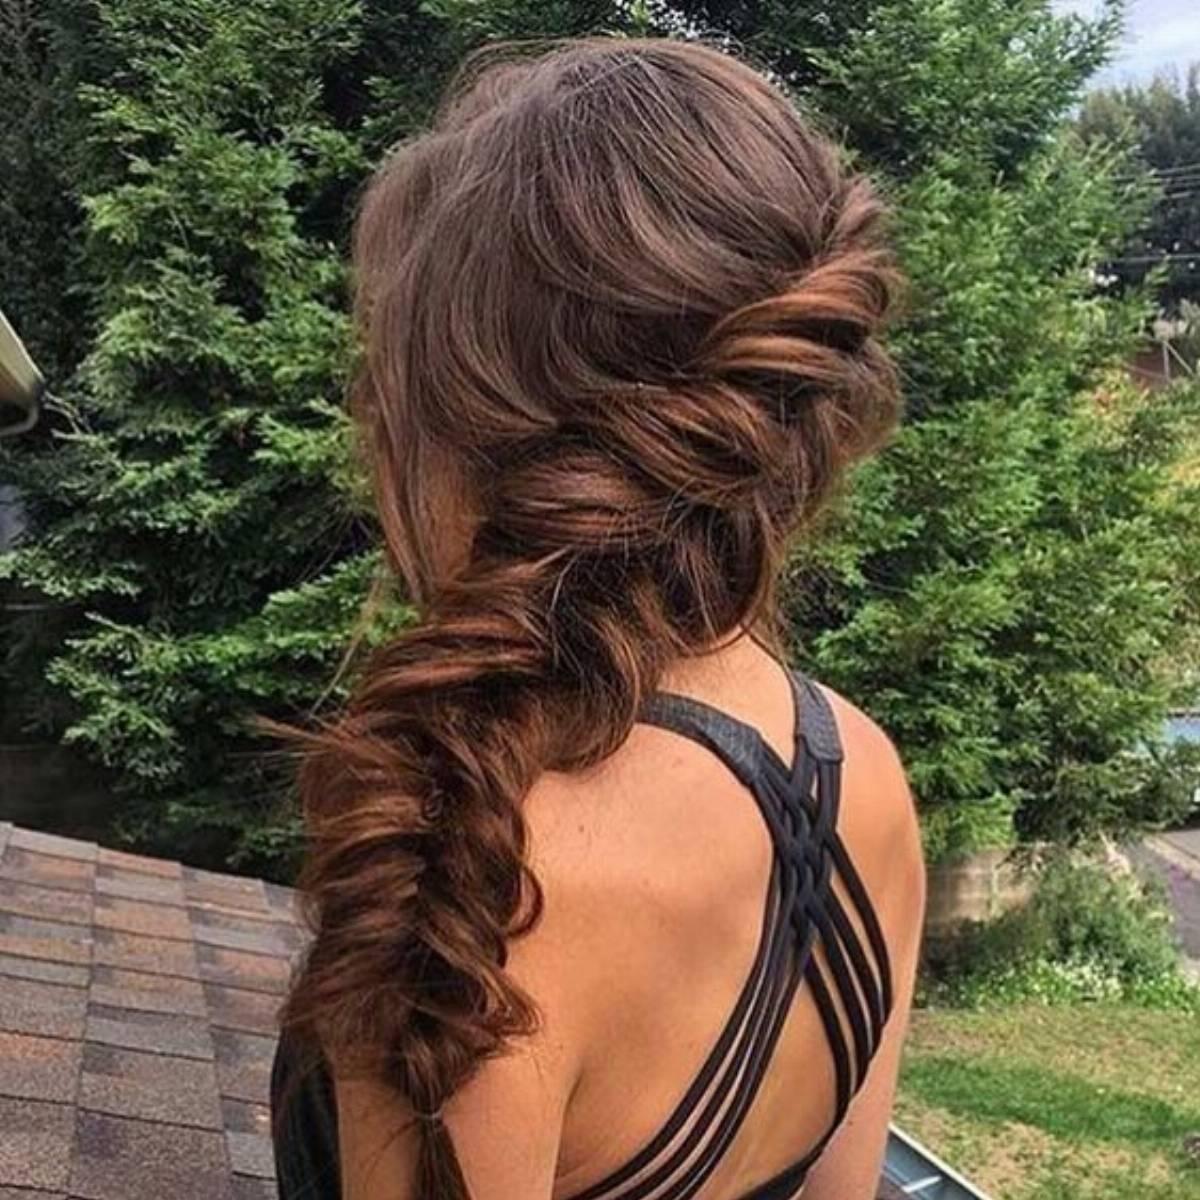 modne fryzury na studniówkę 2017